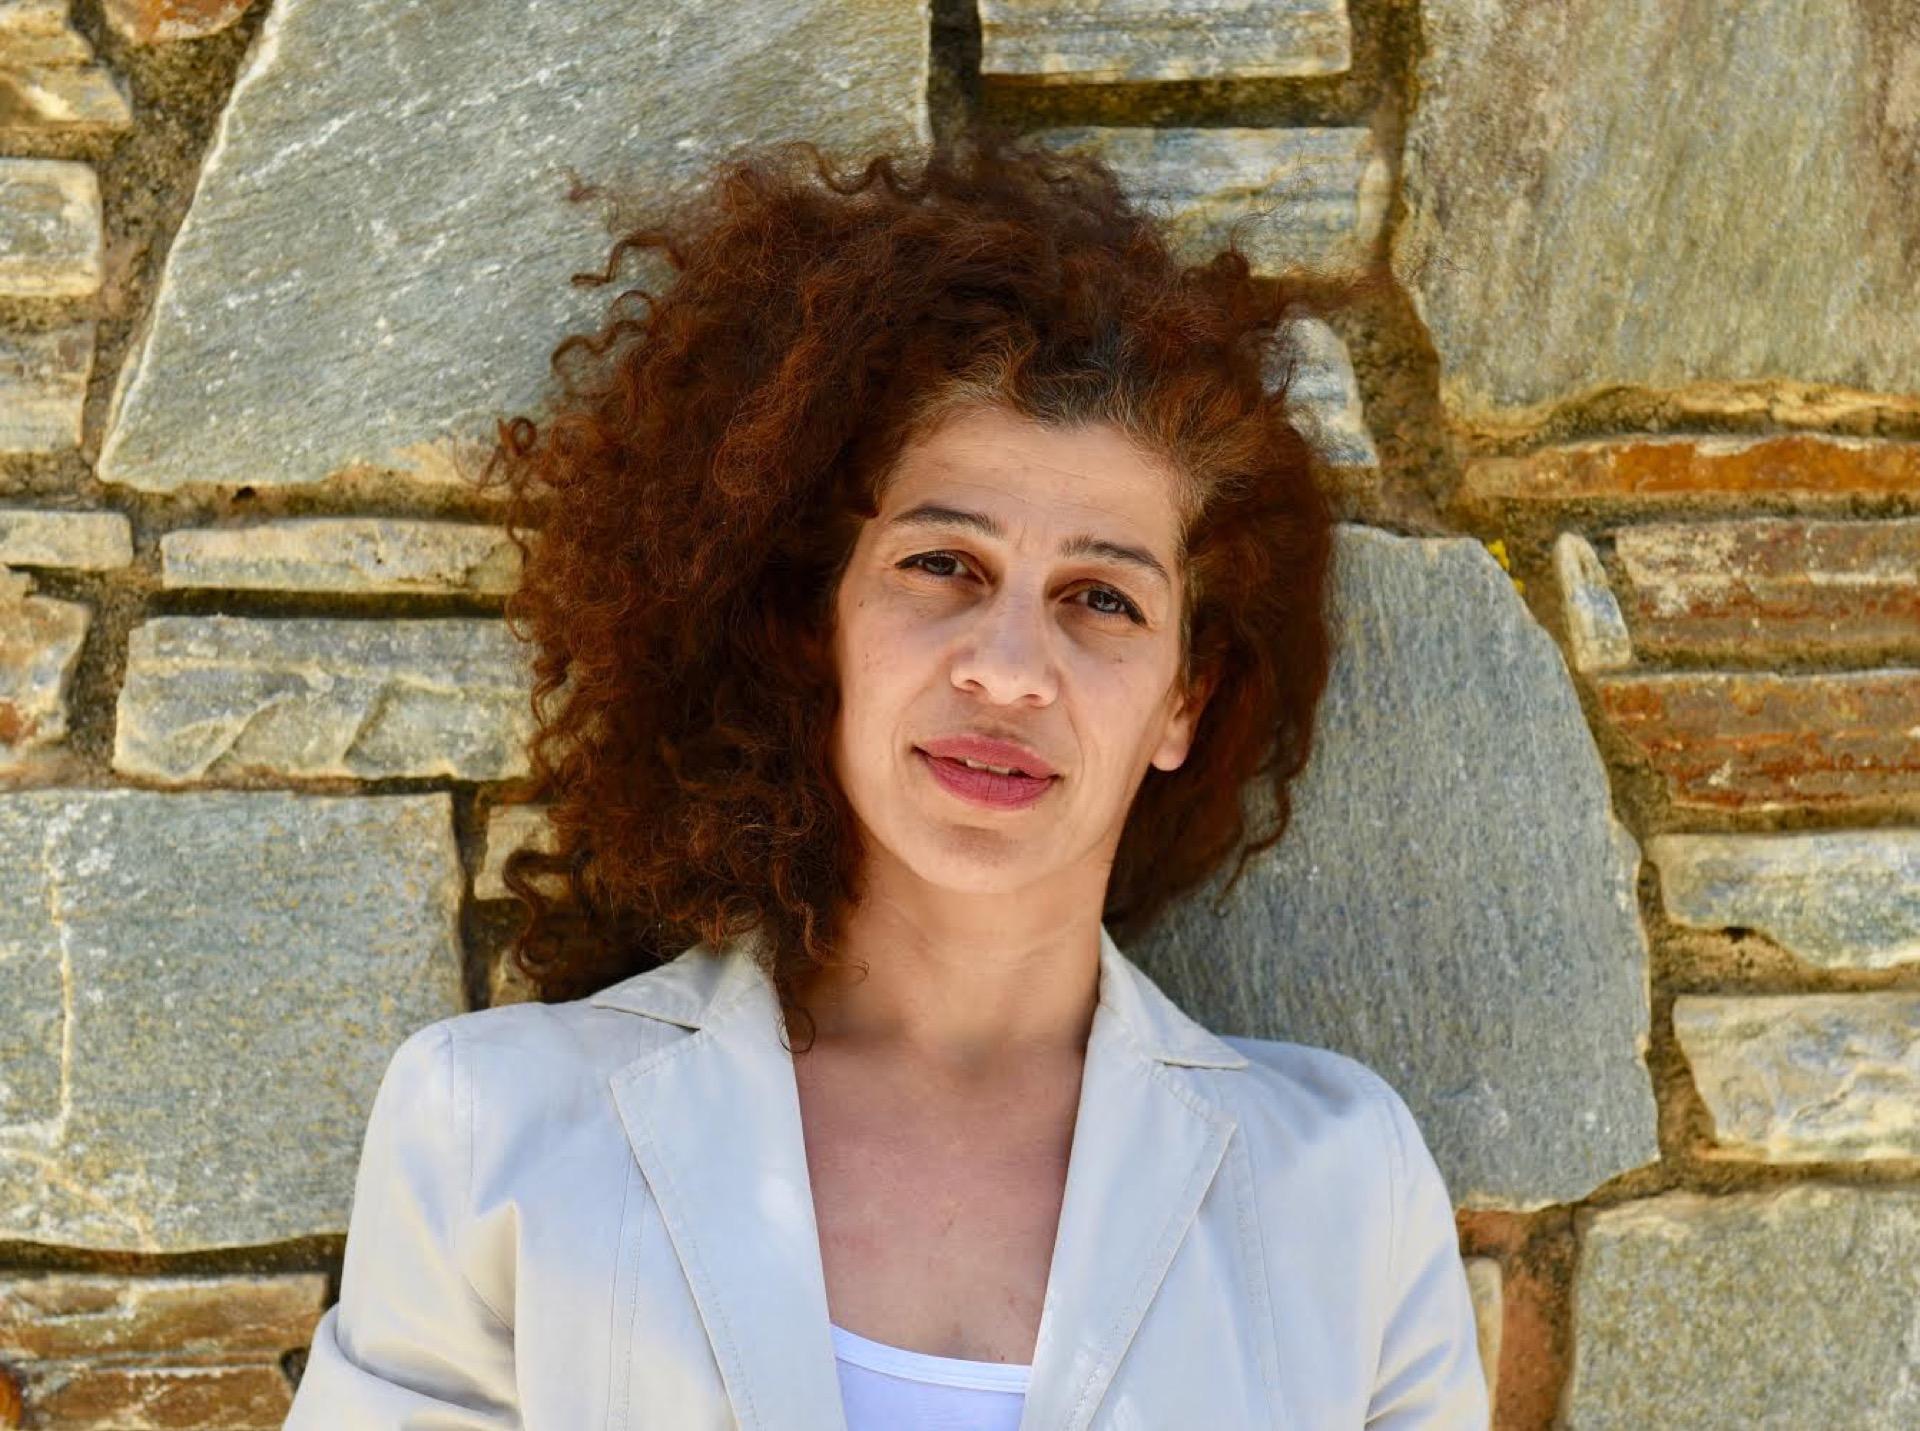 Τζίνα Θλιβέρη, ηθοποιος